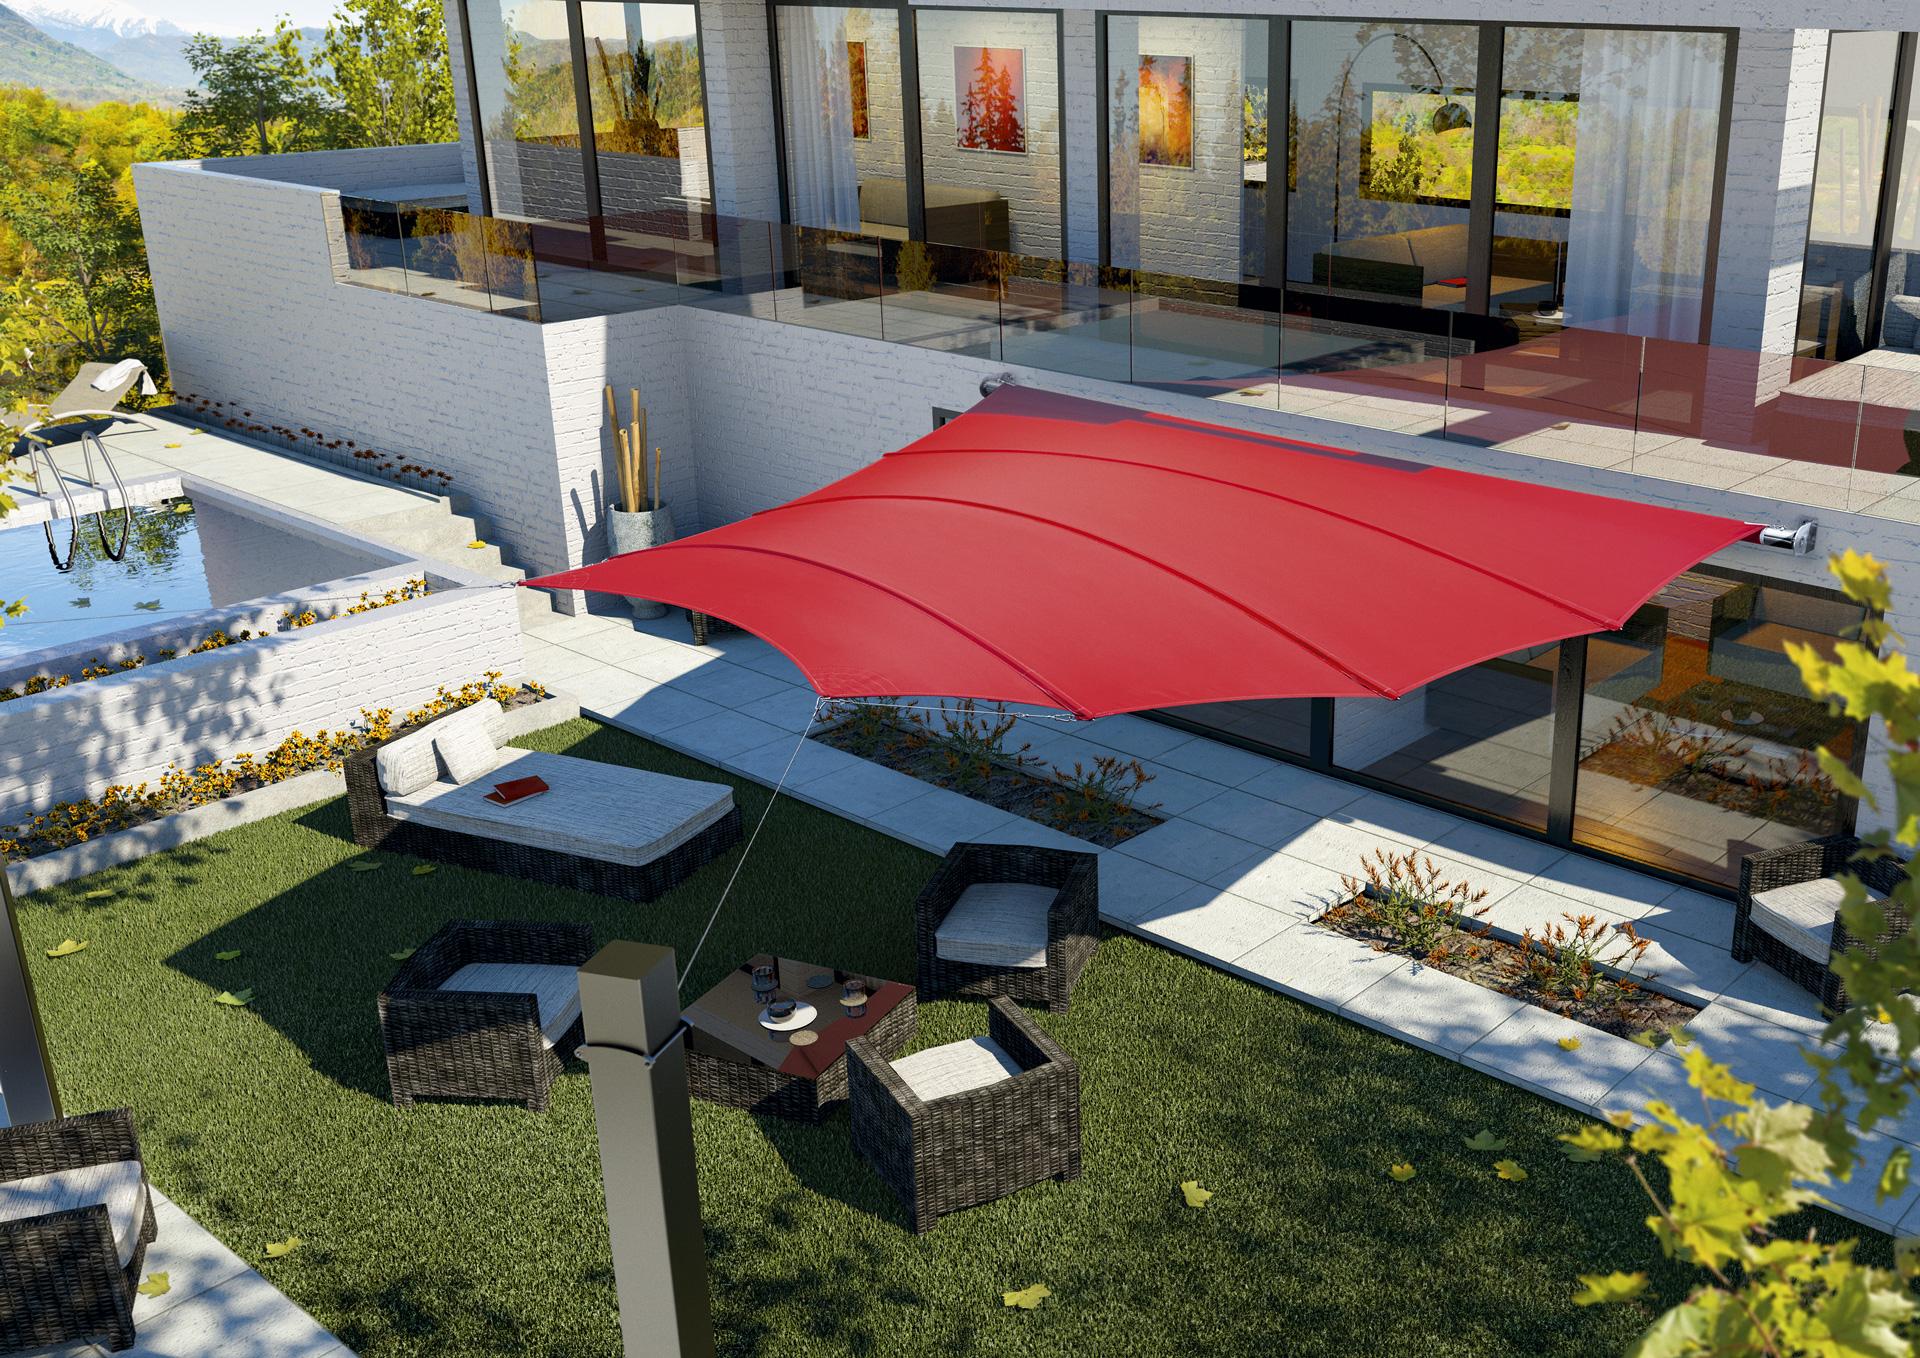 sonnensegel wasserdicht trapez 28 images fundgrube sonnensegel nach ma 223 187. Black Bedroom Furniture Sets. Home Design Ideas